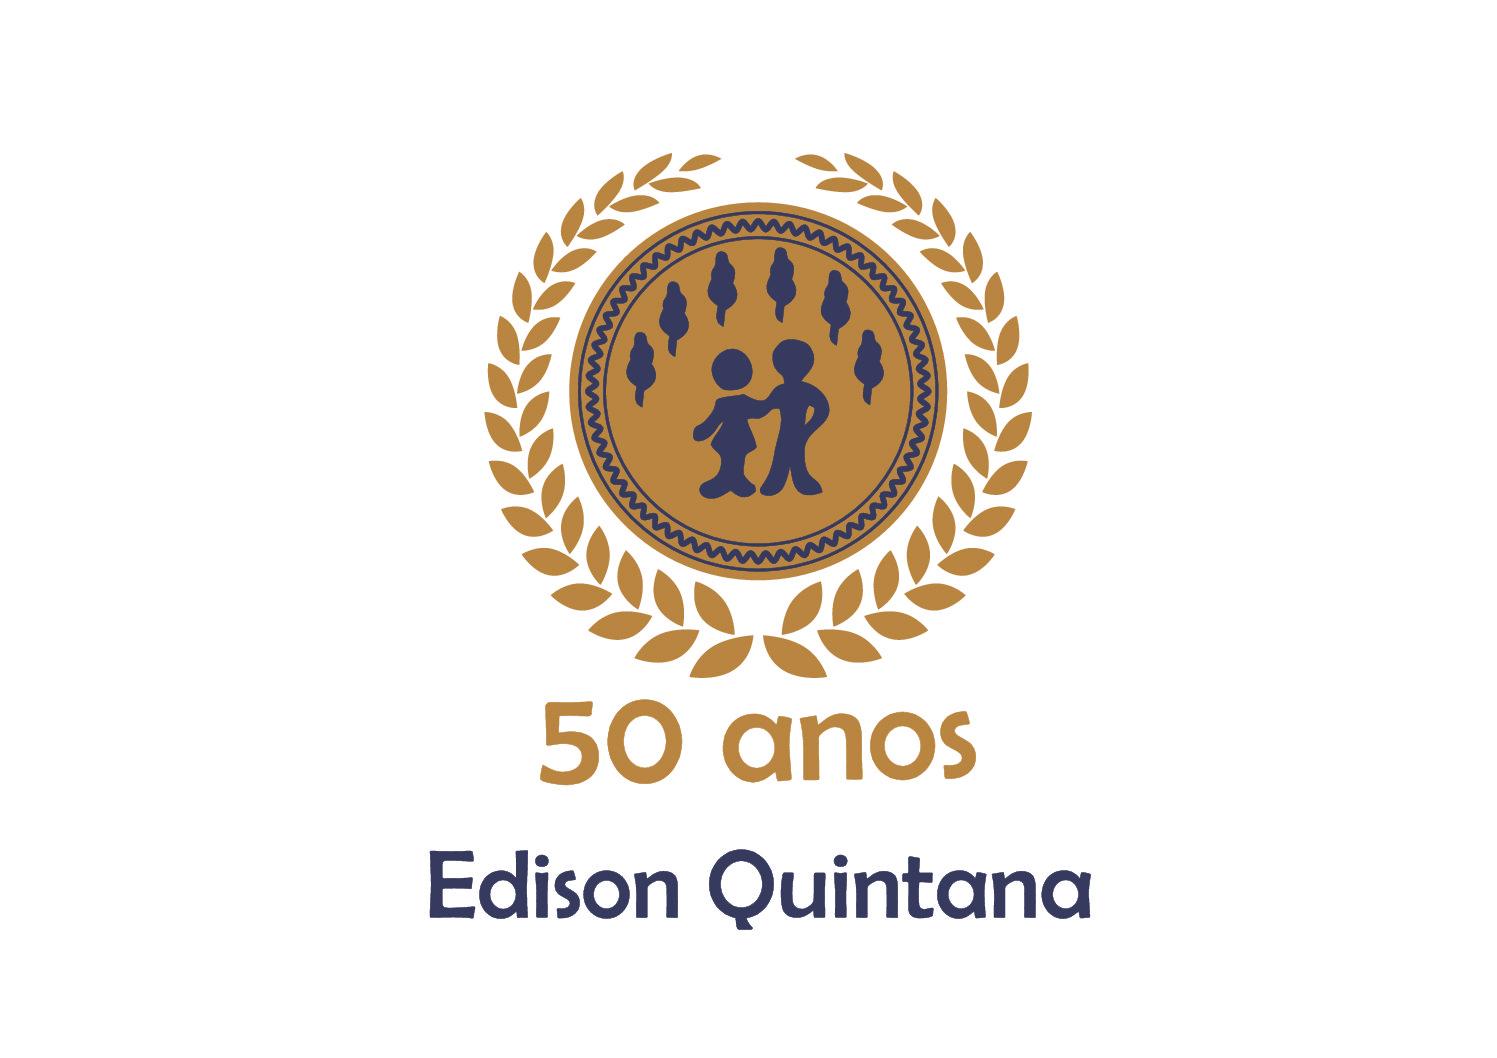 CAMISETA PARA PROFESSORES COMEMORATIVA DOS 50 ANOS DA ESCOLA EDSON QUINTADA!